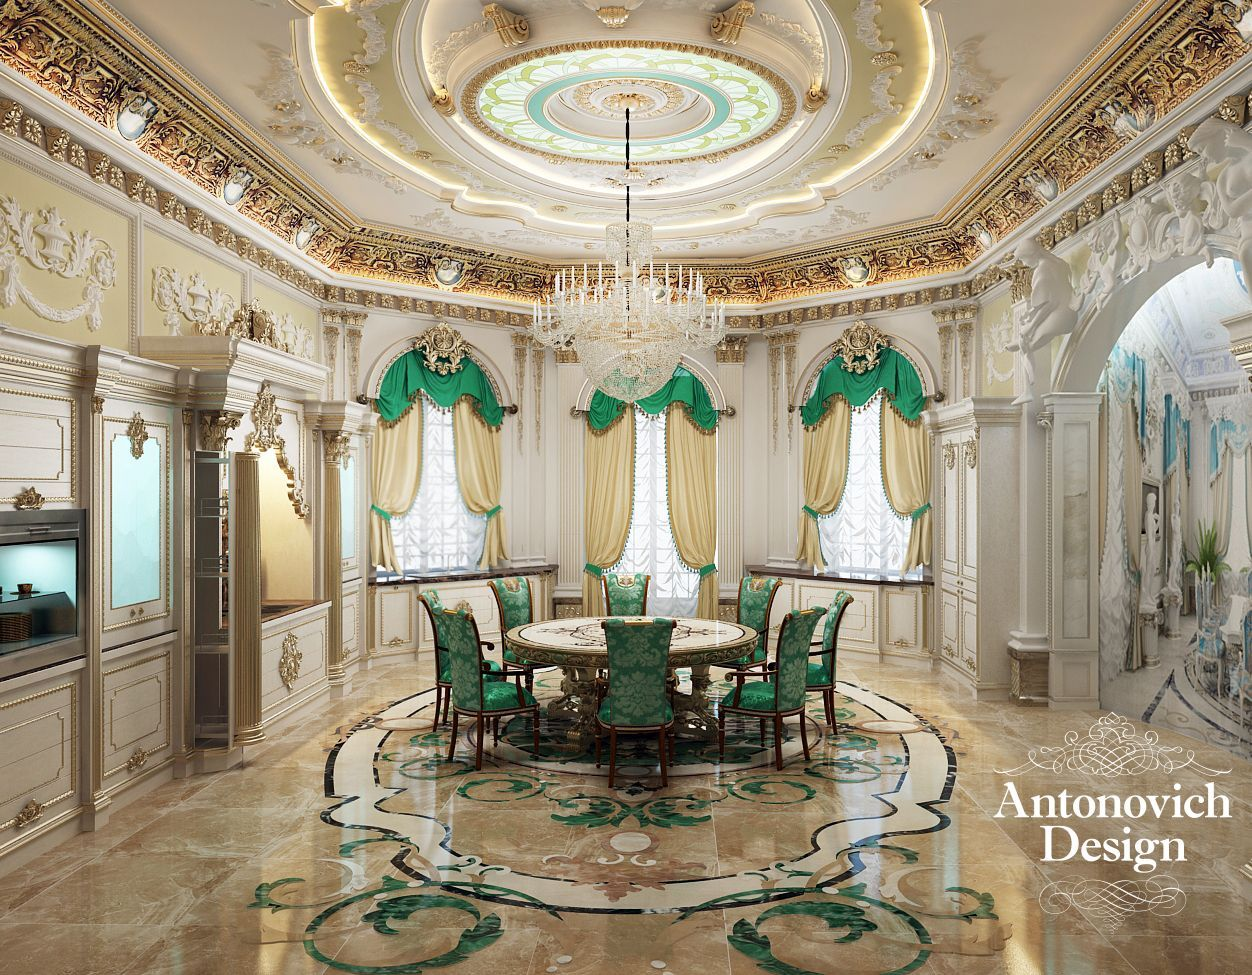 Kitchens dubai from antonovich design -  Antonovich Design Morning Coffee In The Best Traditions Of Antonovich